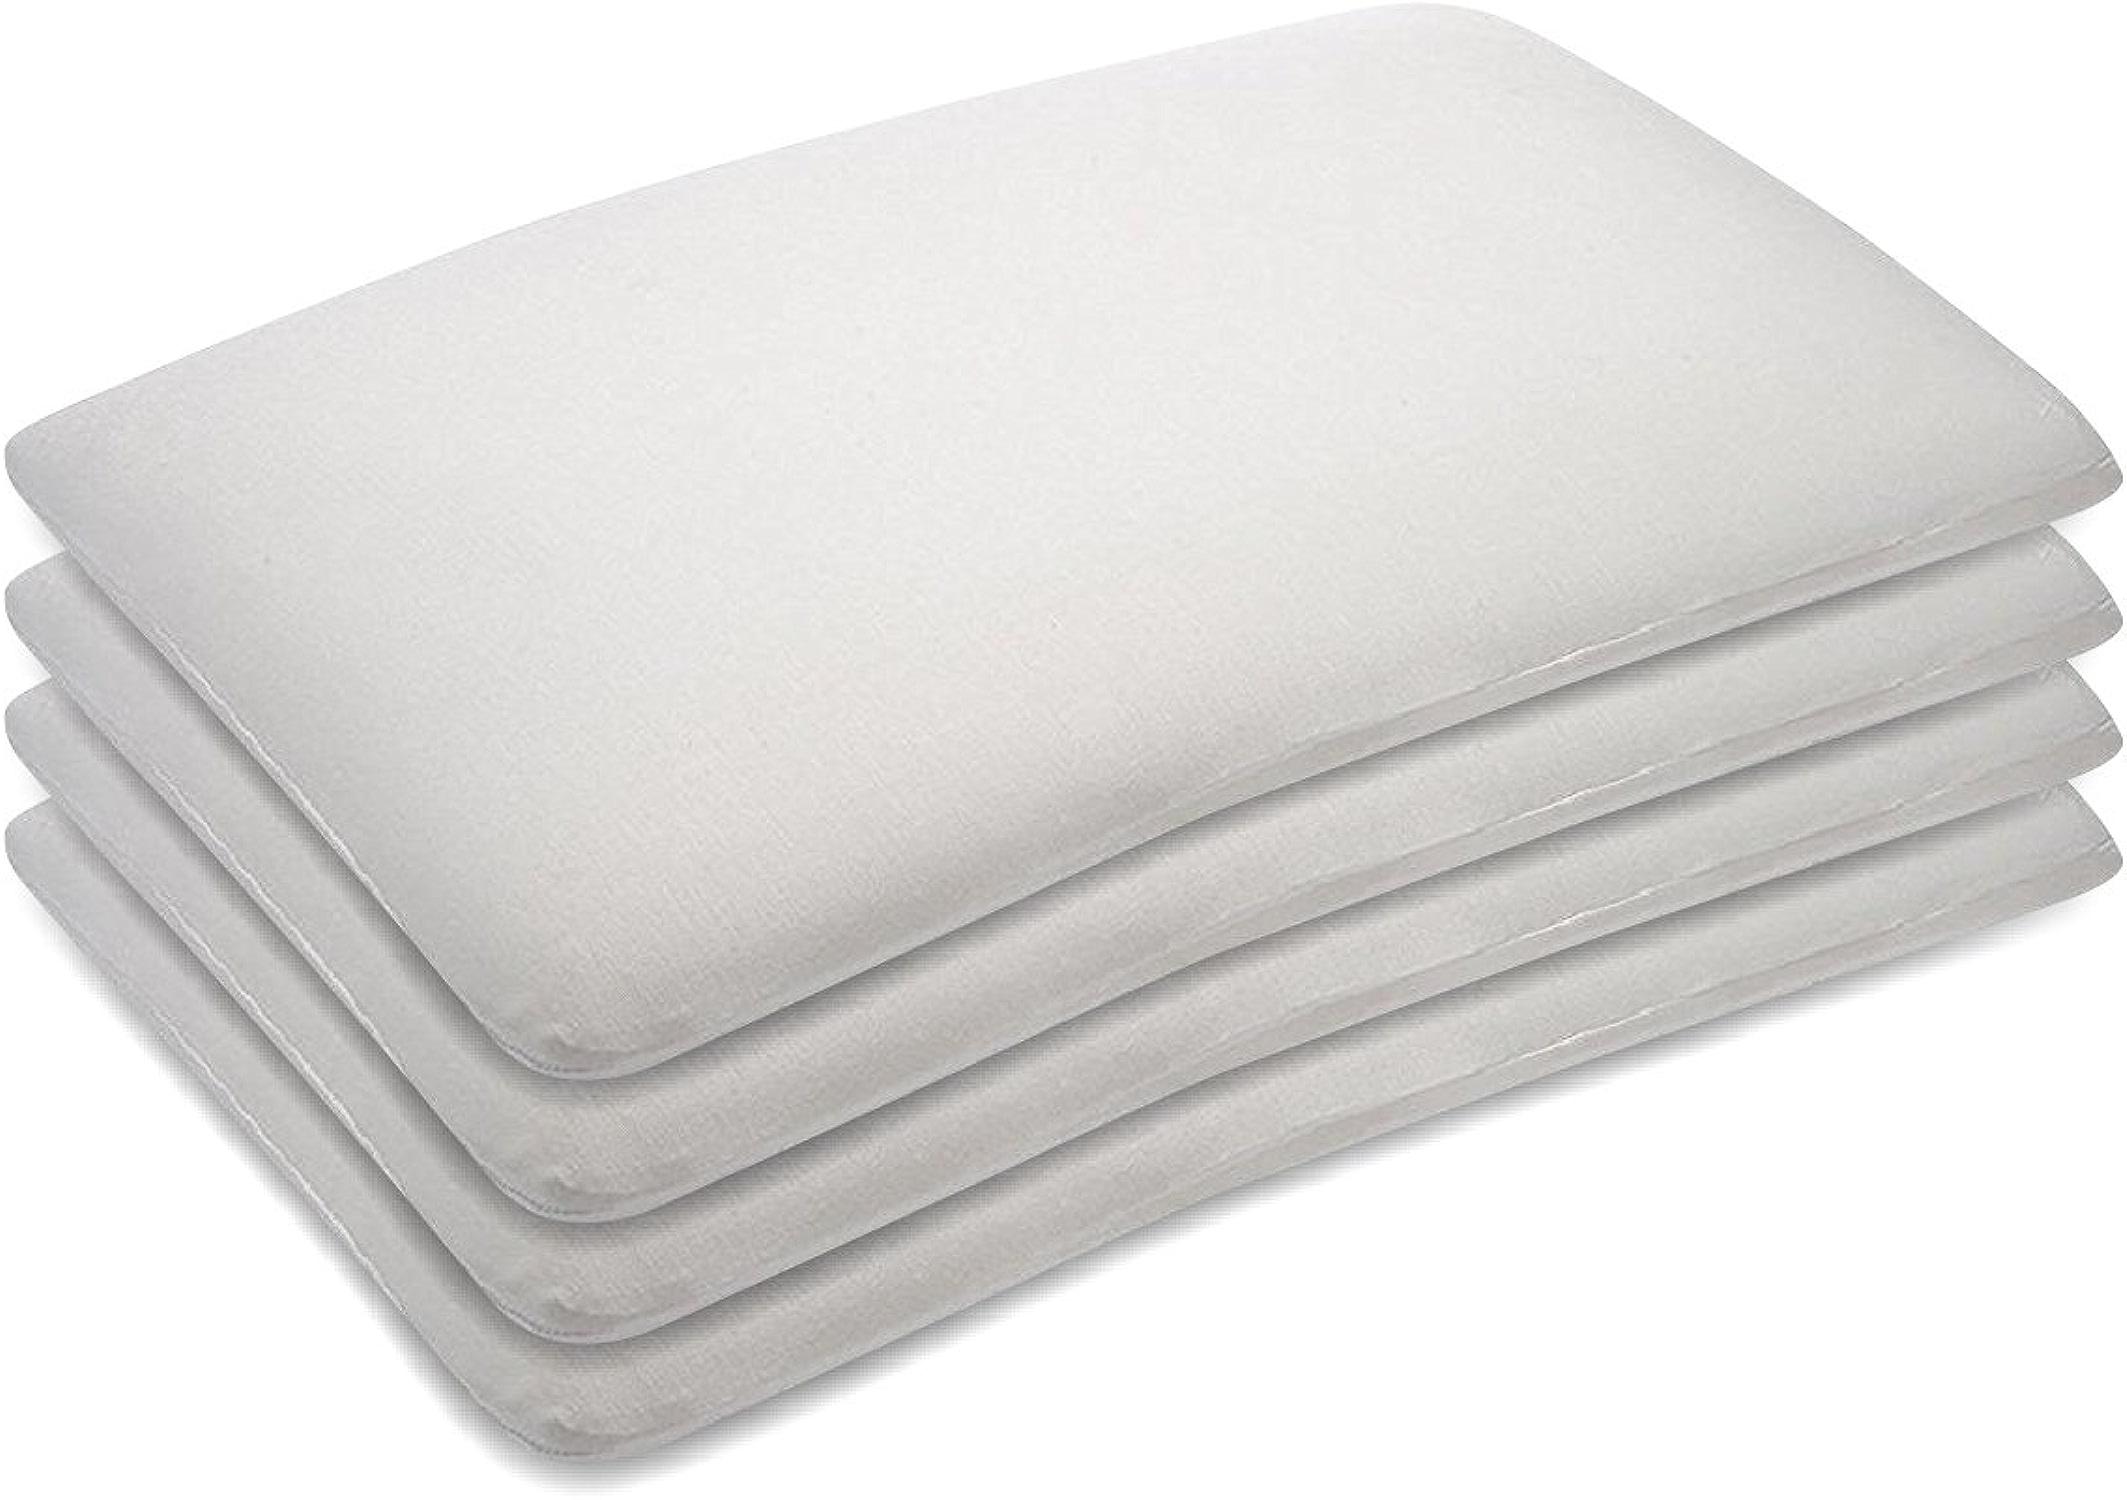 The blanc WilFaible Confortable Visco Mémoire Mousse Lit Oreiller Lumière Poids Doux Coussin Pour En train de dormir 15  x 24  x 3  Blanc Paquet de 4 Des morceaux